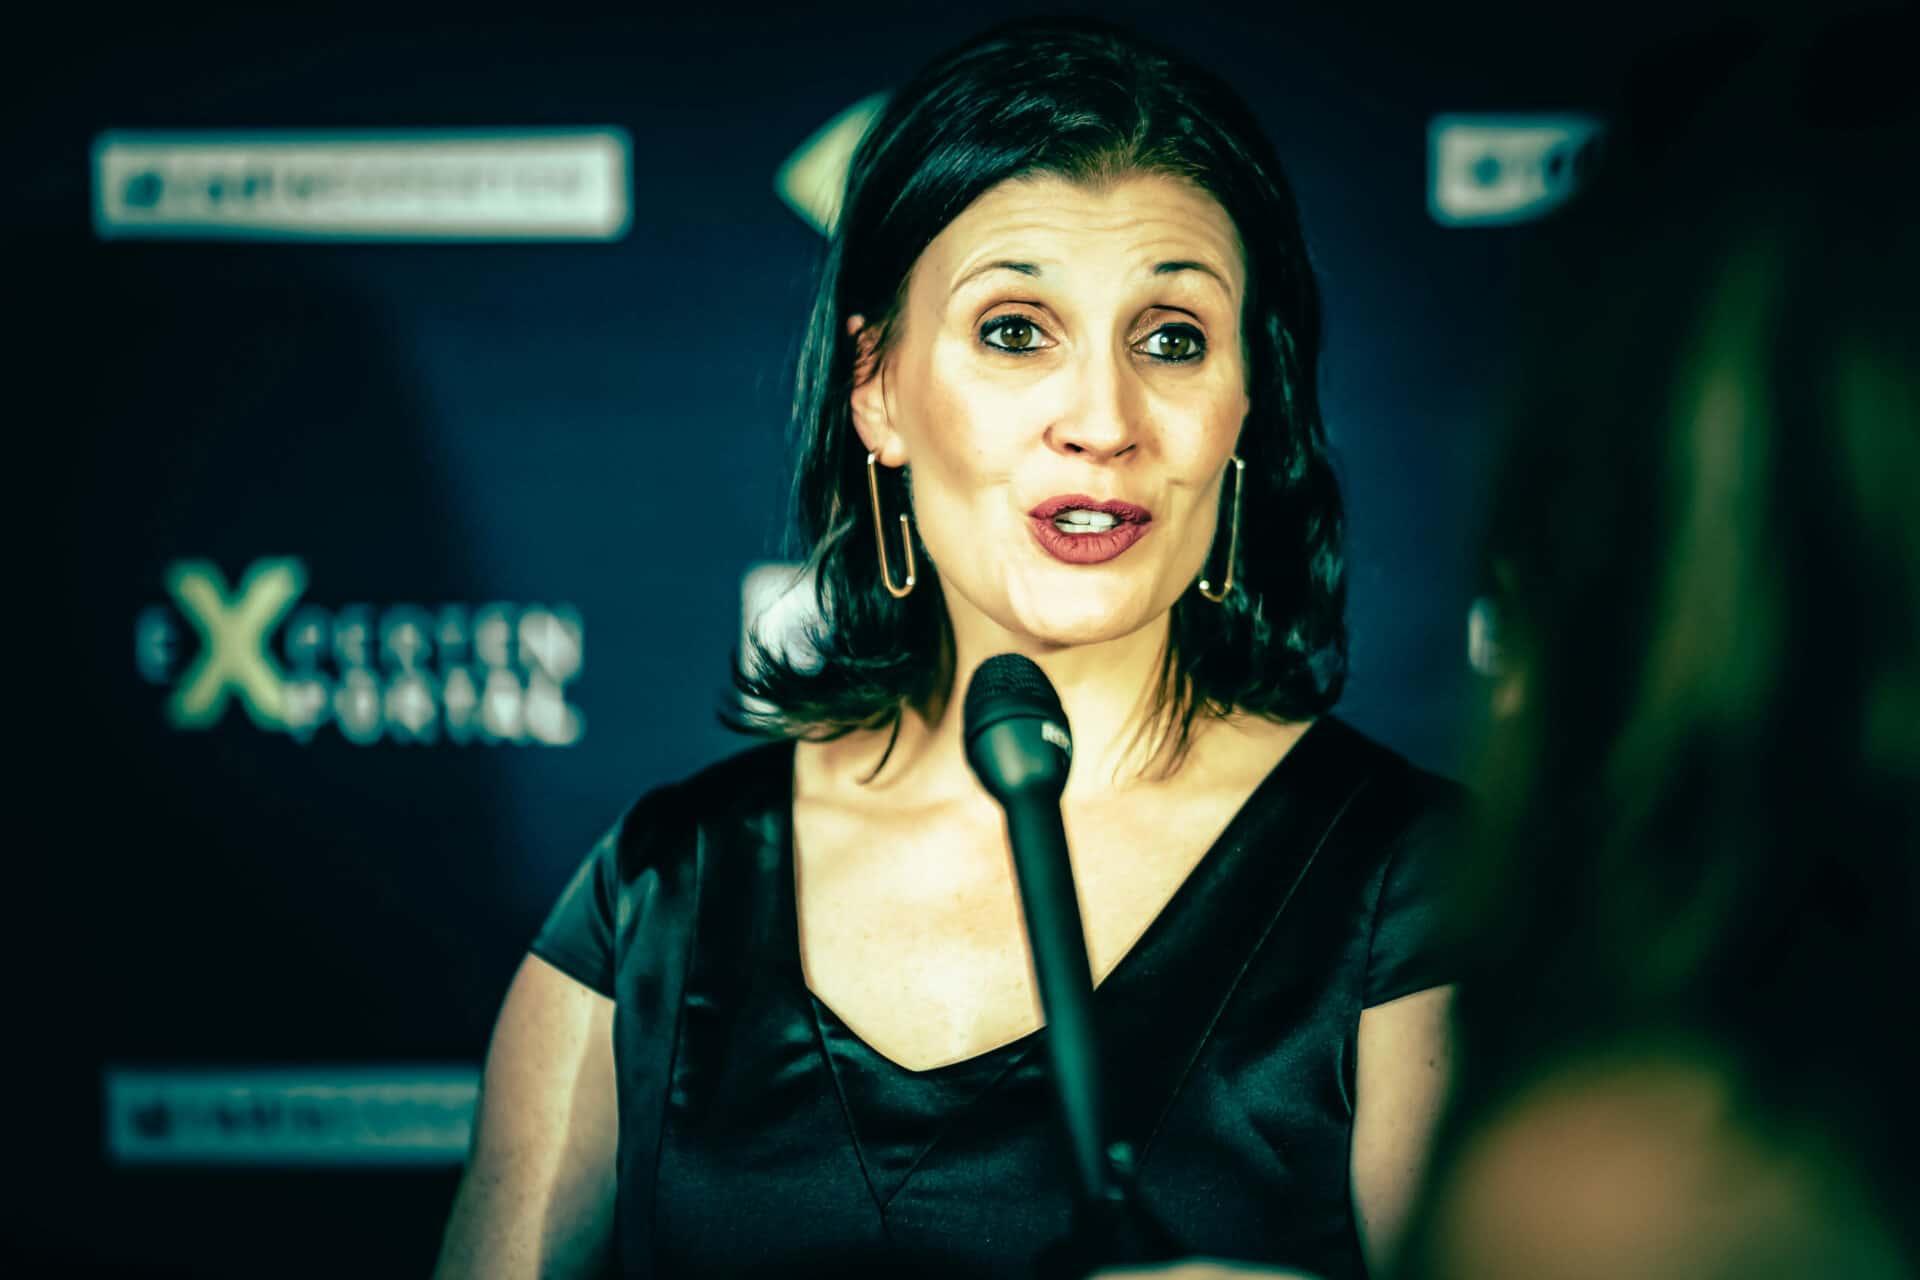 Gala Interview auf dem roten Teppich - Sabrina von Nessen im Gespräch mit der Presse